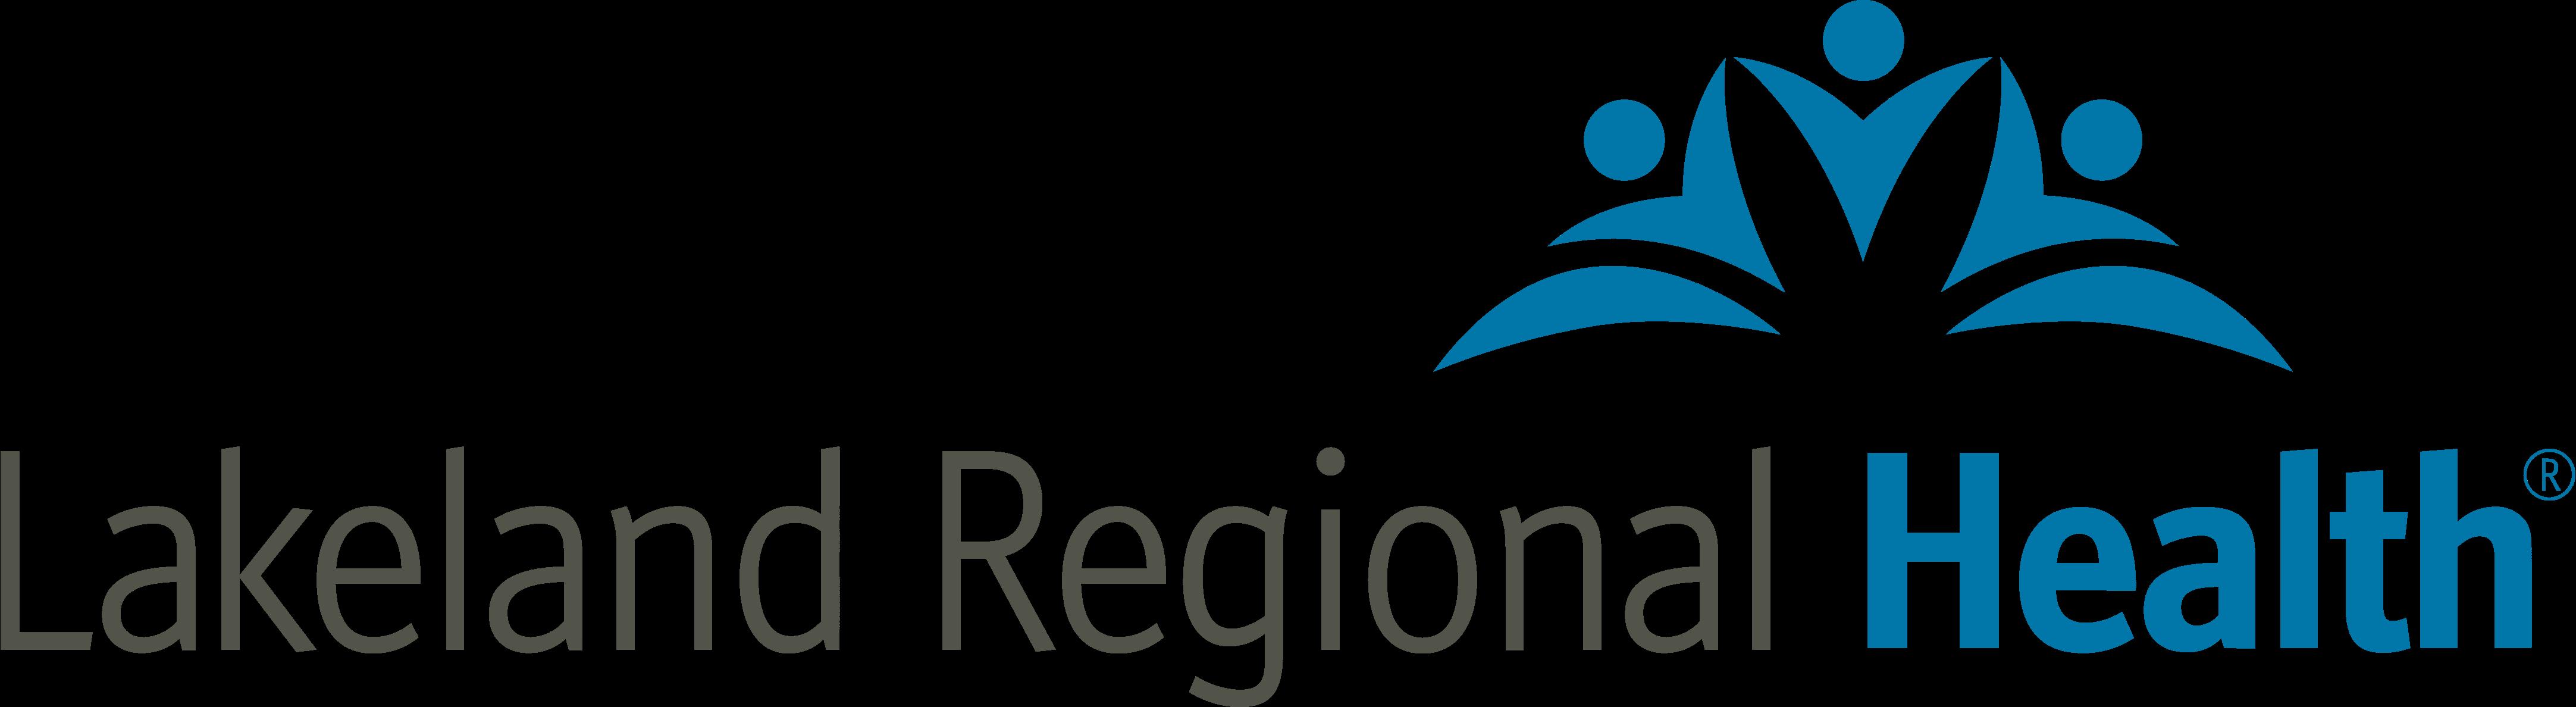 Lakeland Regional Health – Logos Download